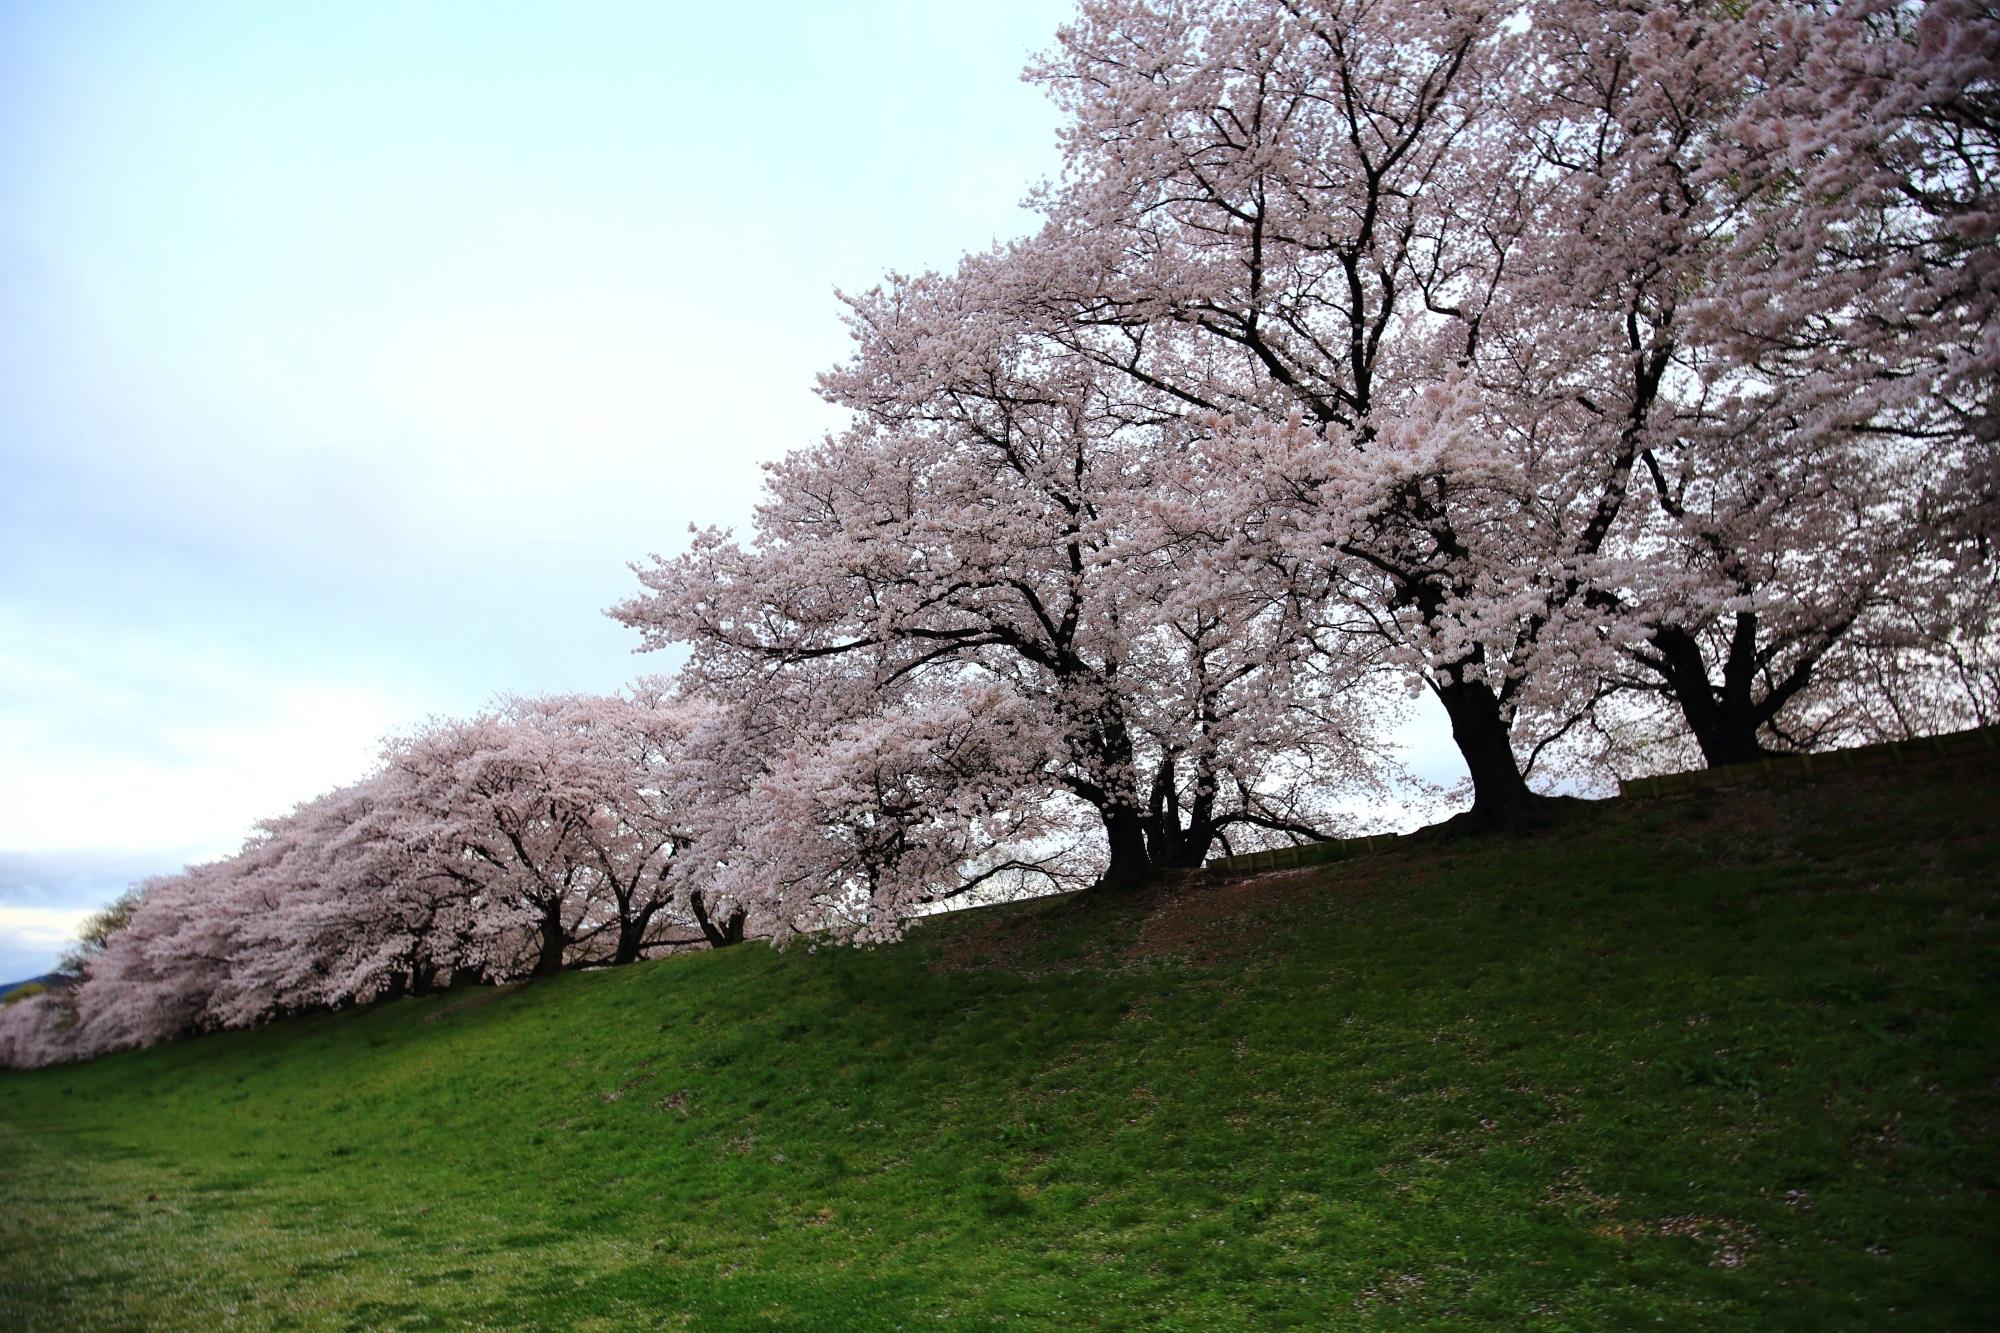 曇天は残念も咲き誇る満開の桜